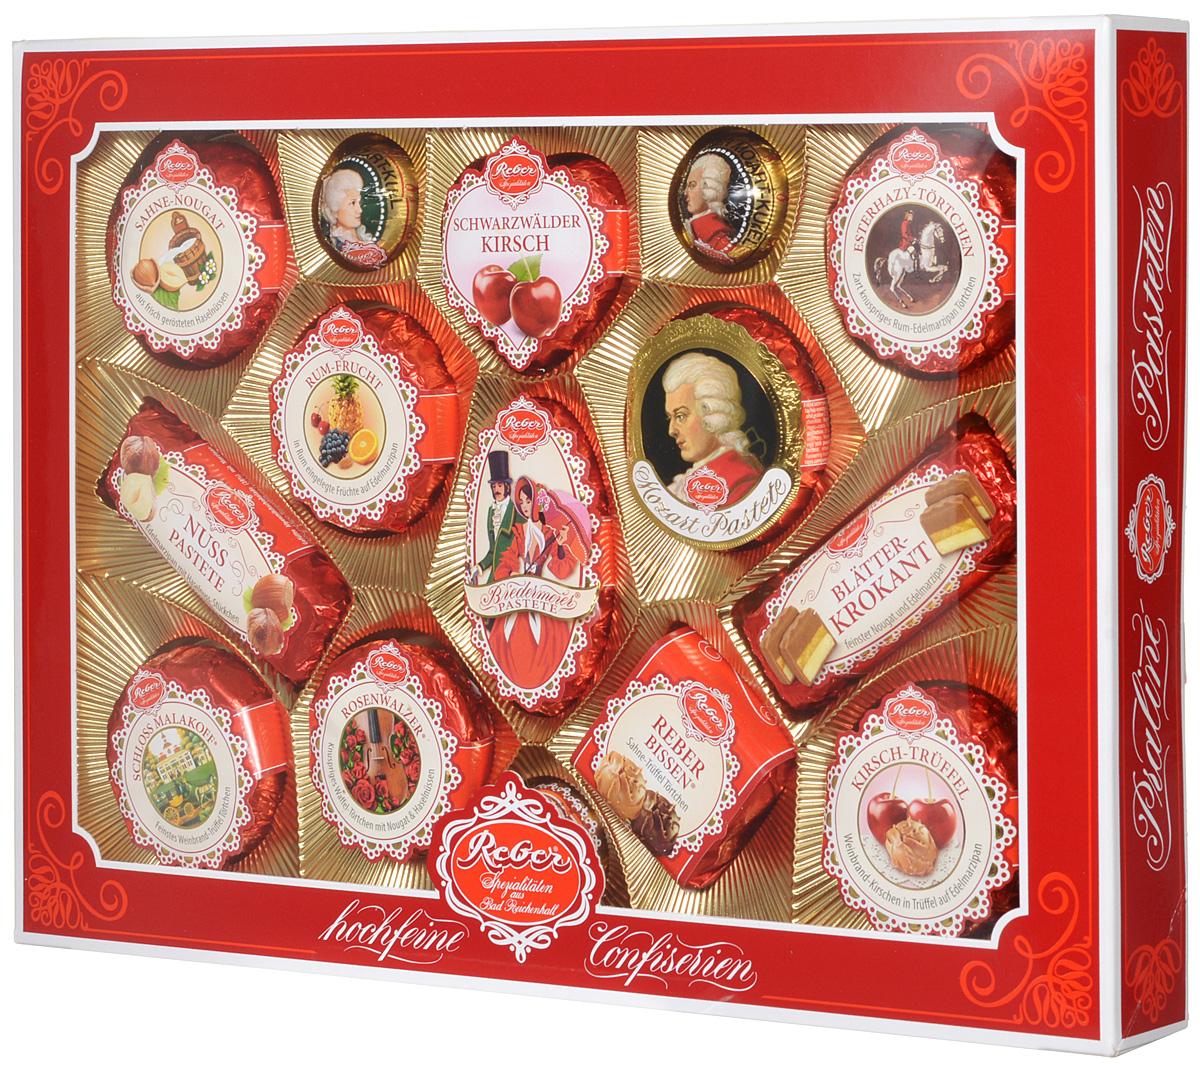 Reber Mozart подарочный набор шоколадных конфет, 525 г (коробка с окном) 1410103